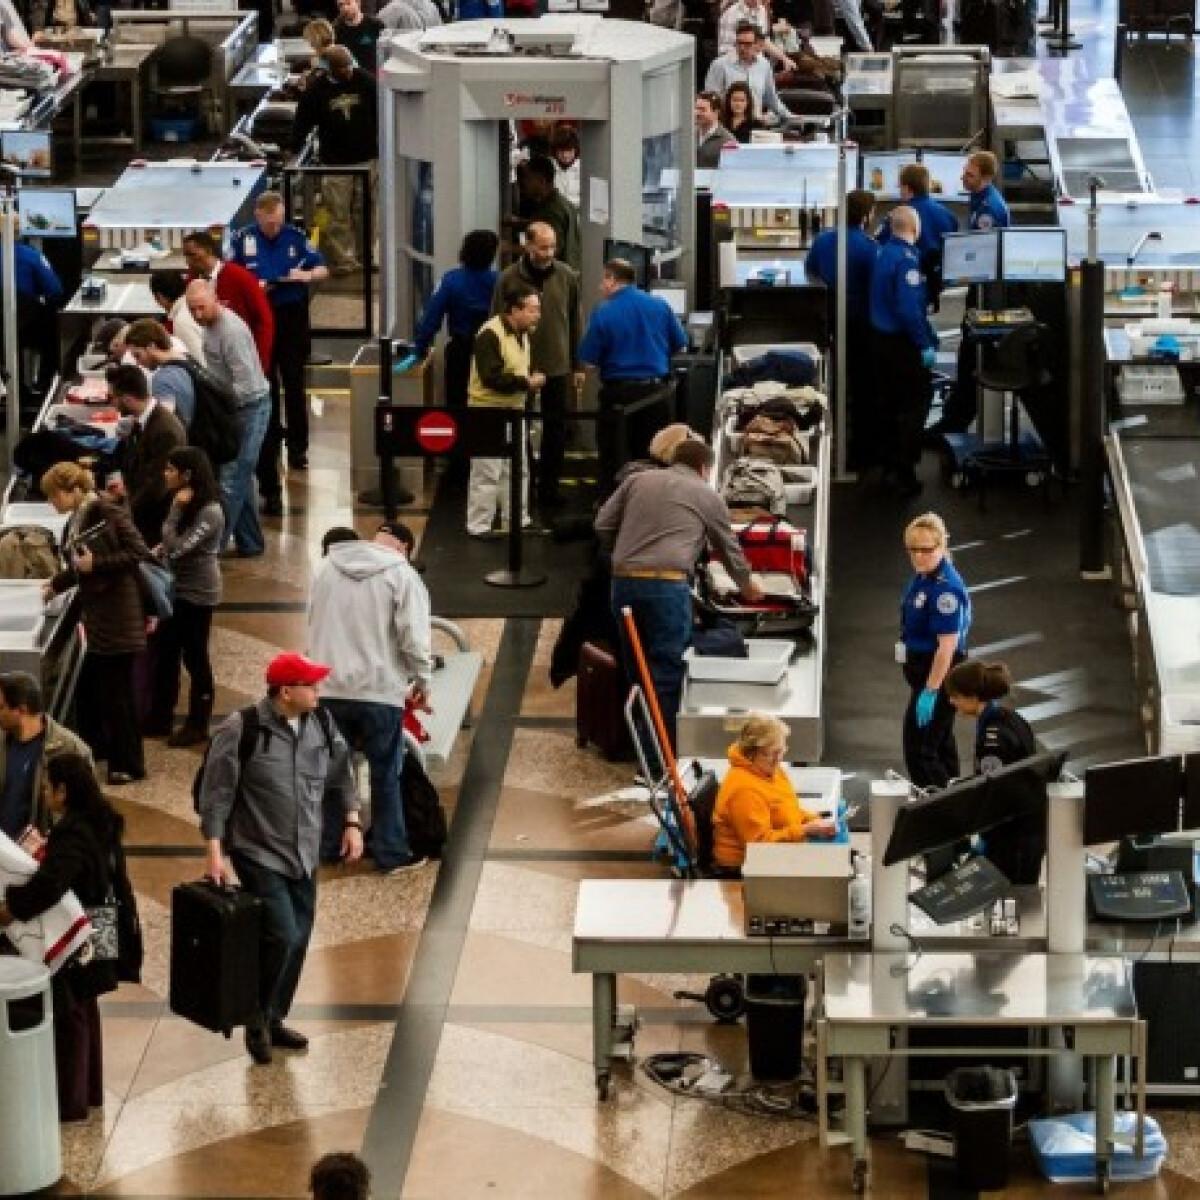 Repülővel utaznál? Mutatjuk mi az a reptéren, ami még a WC-nél is piszkosabb